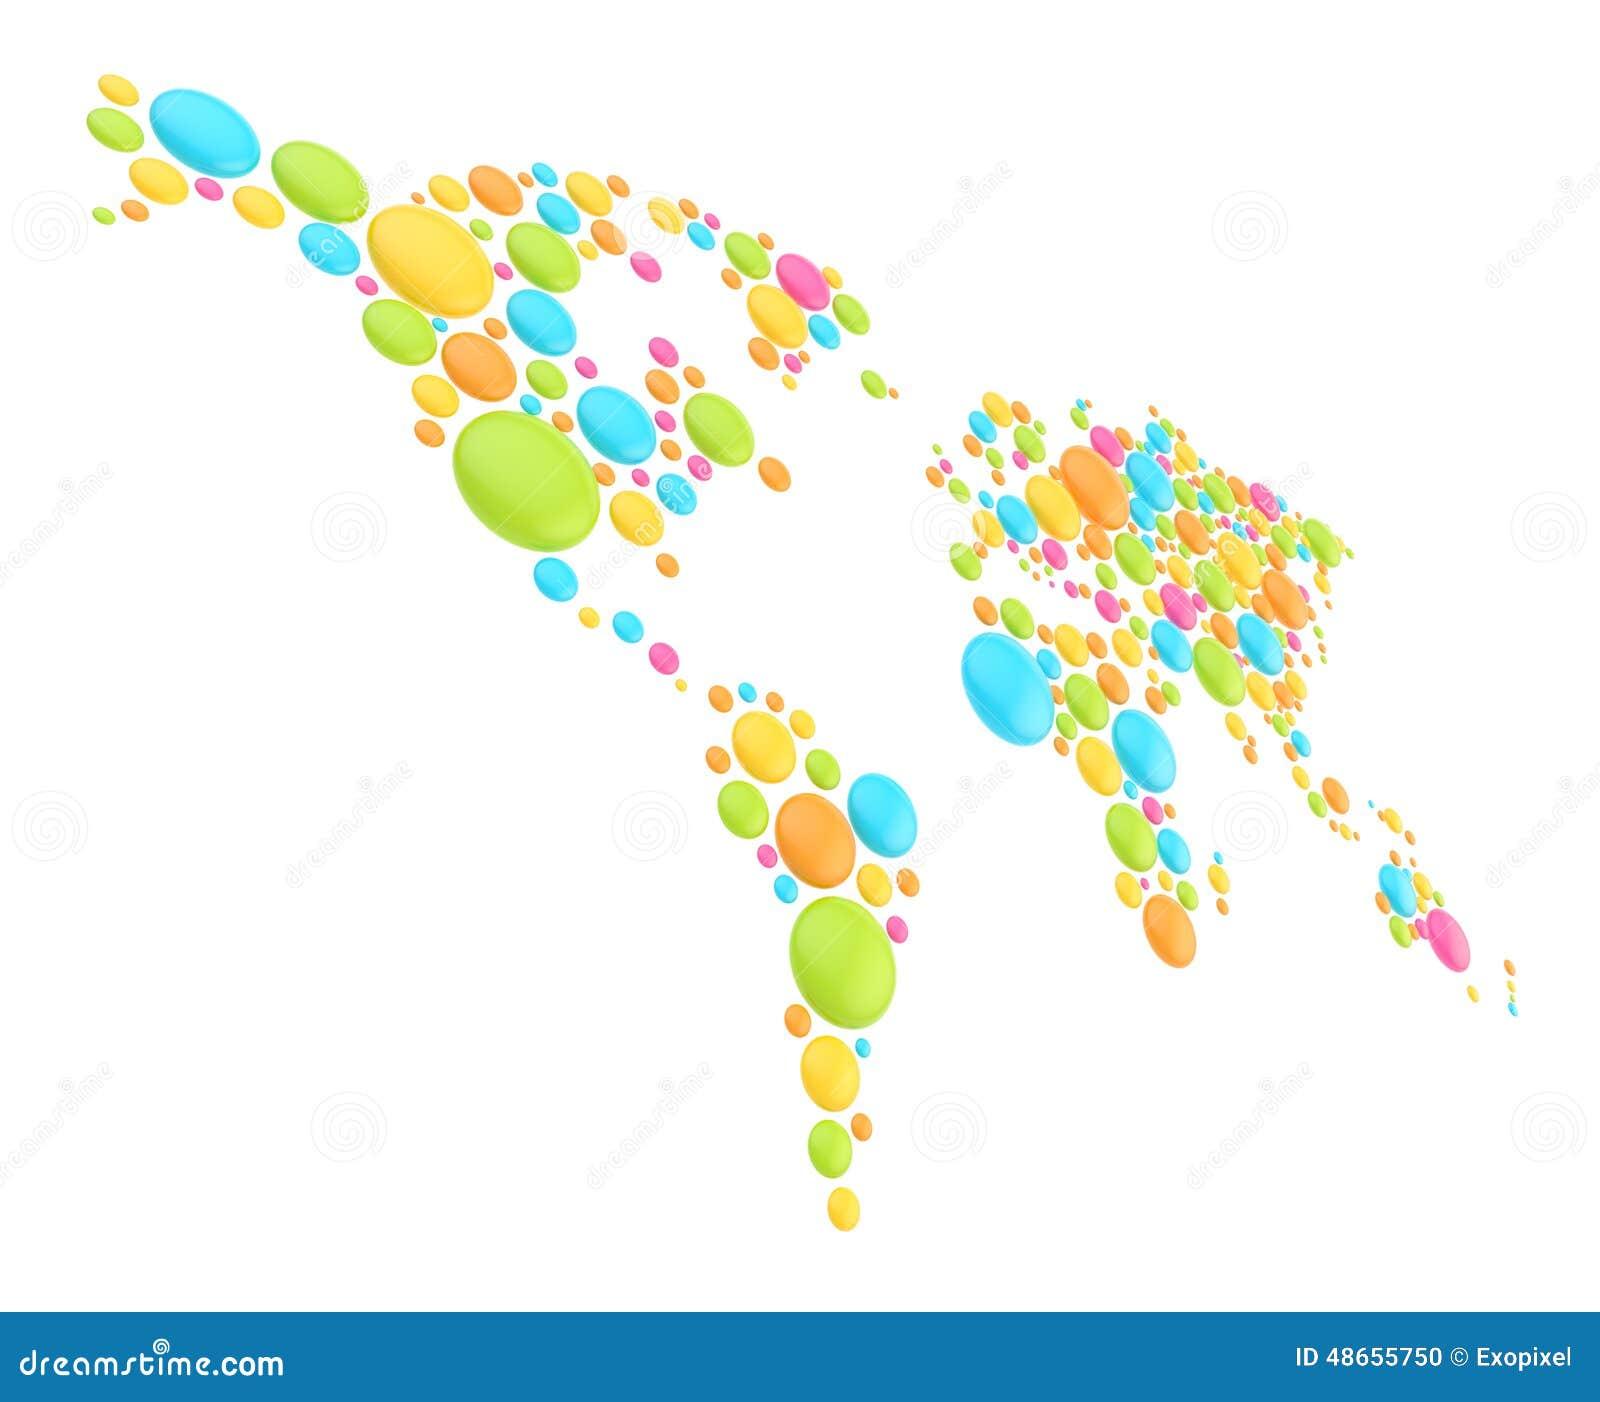 世界地图由圆形做成